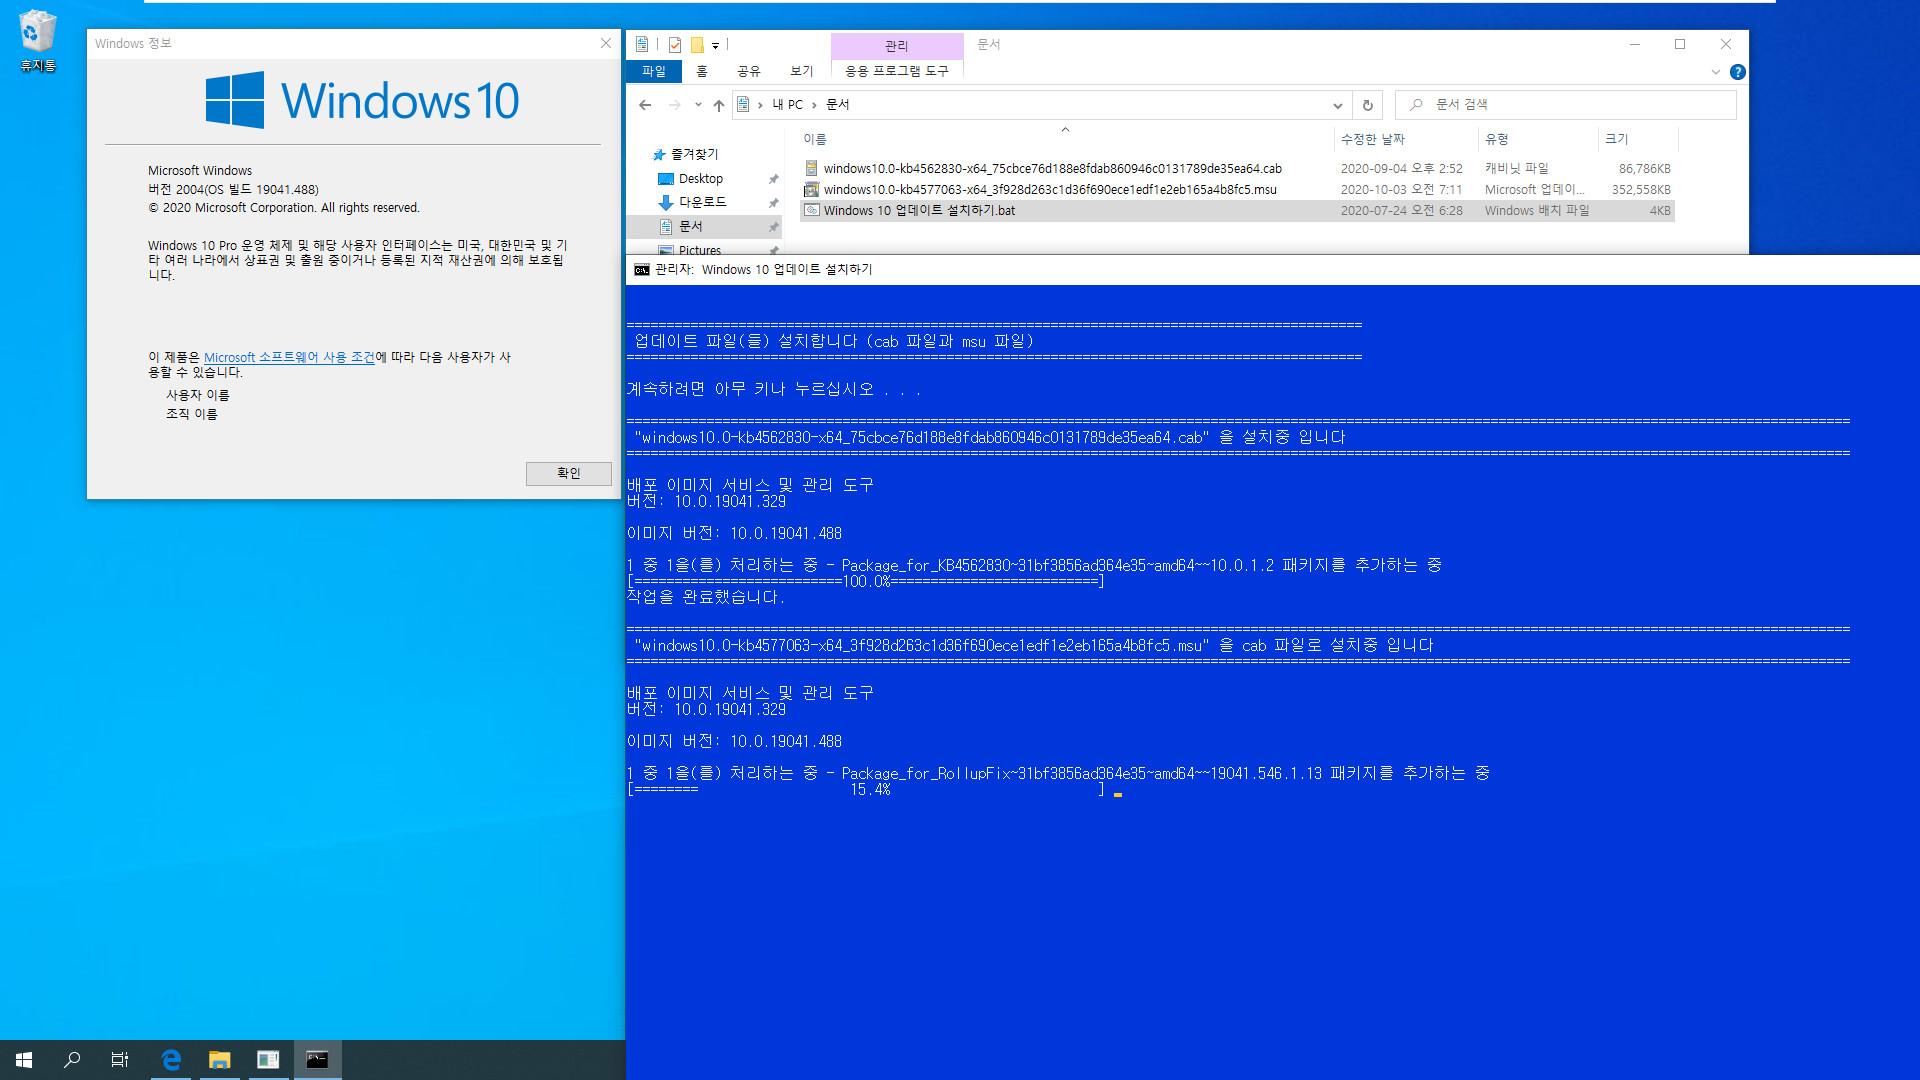 버전 2004 (20H1)에서 버전 2009 (20H2) 업그레이드하기 2020-10-06_083714.jpg